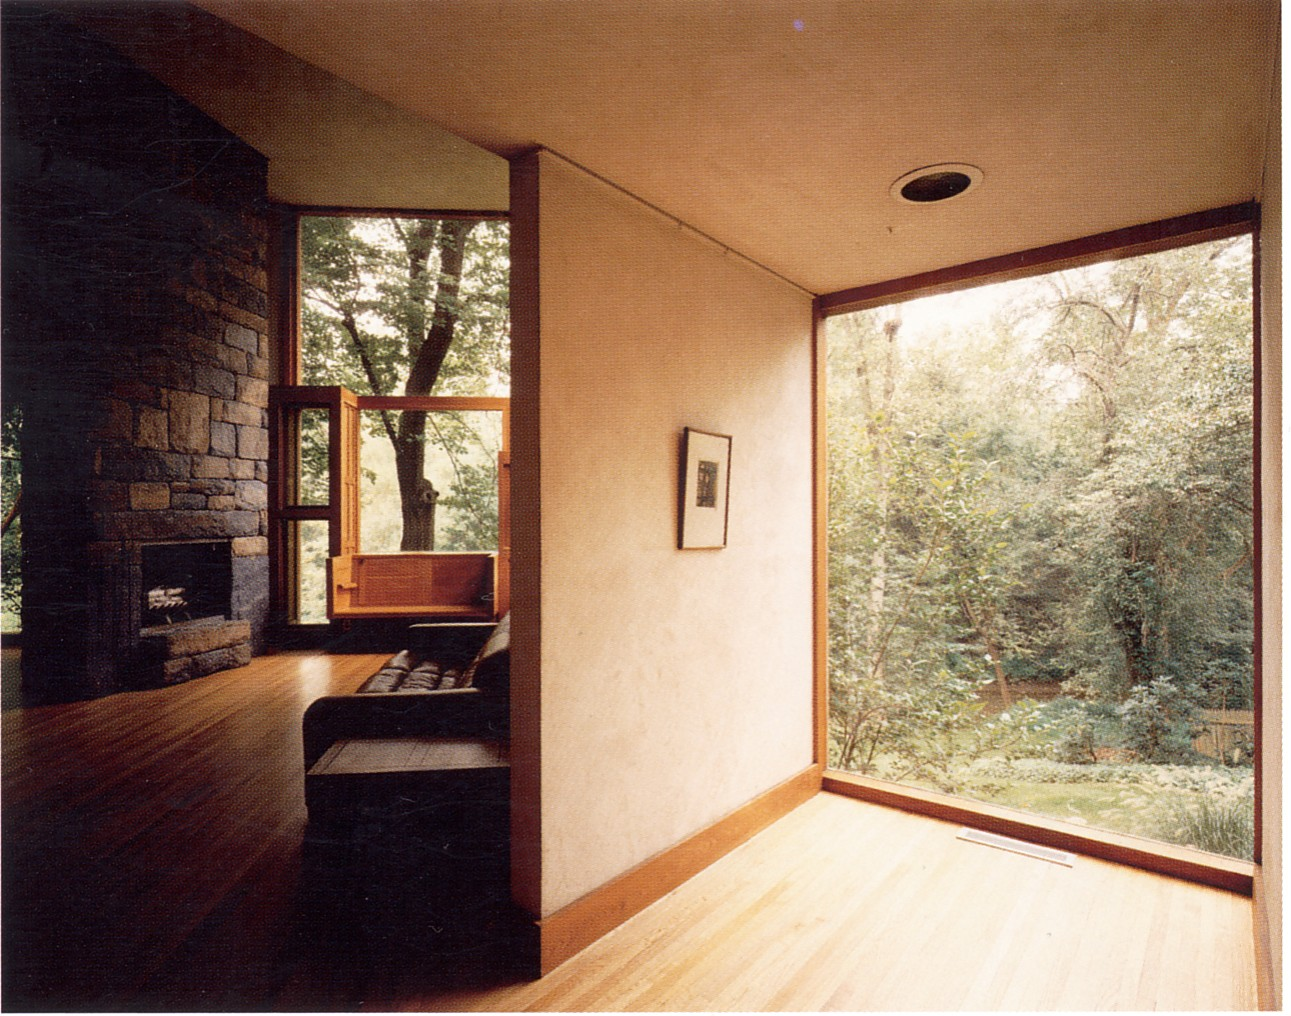 Yo me quiero hacer una casa infocasas - Quiero construir una casa ...